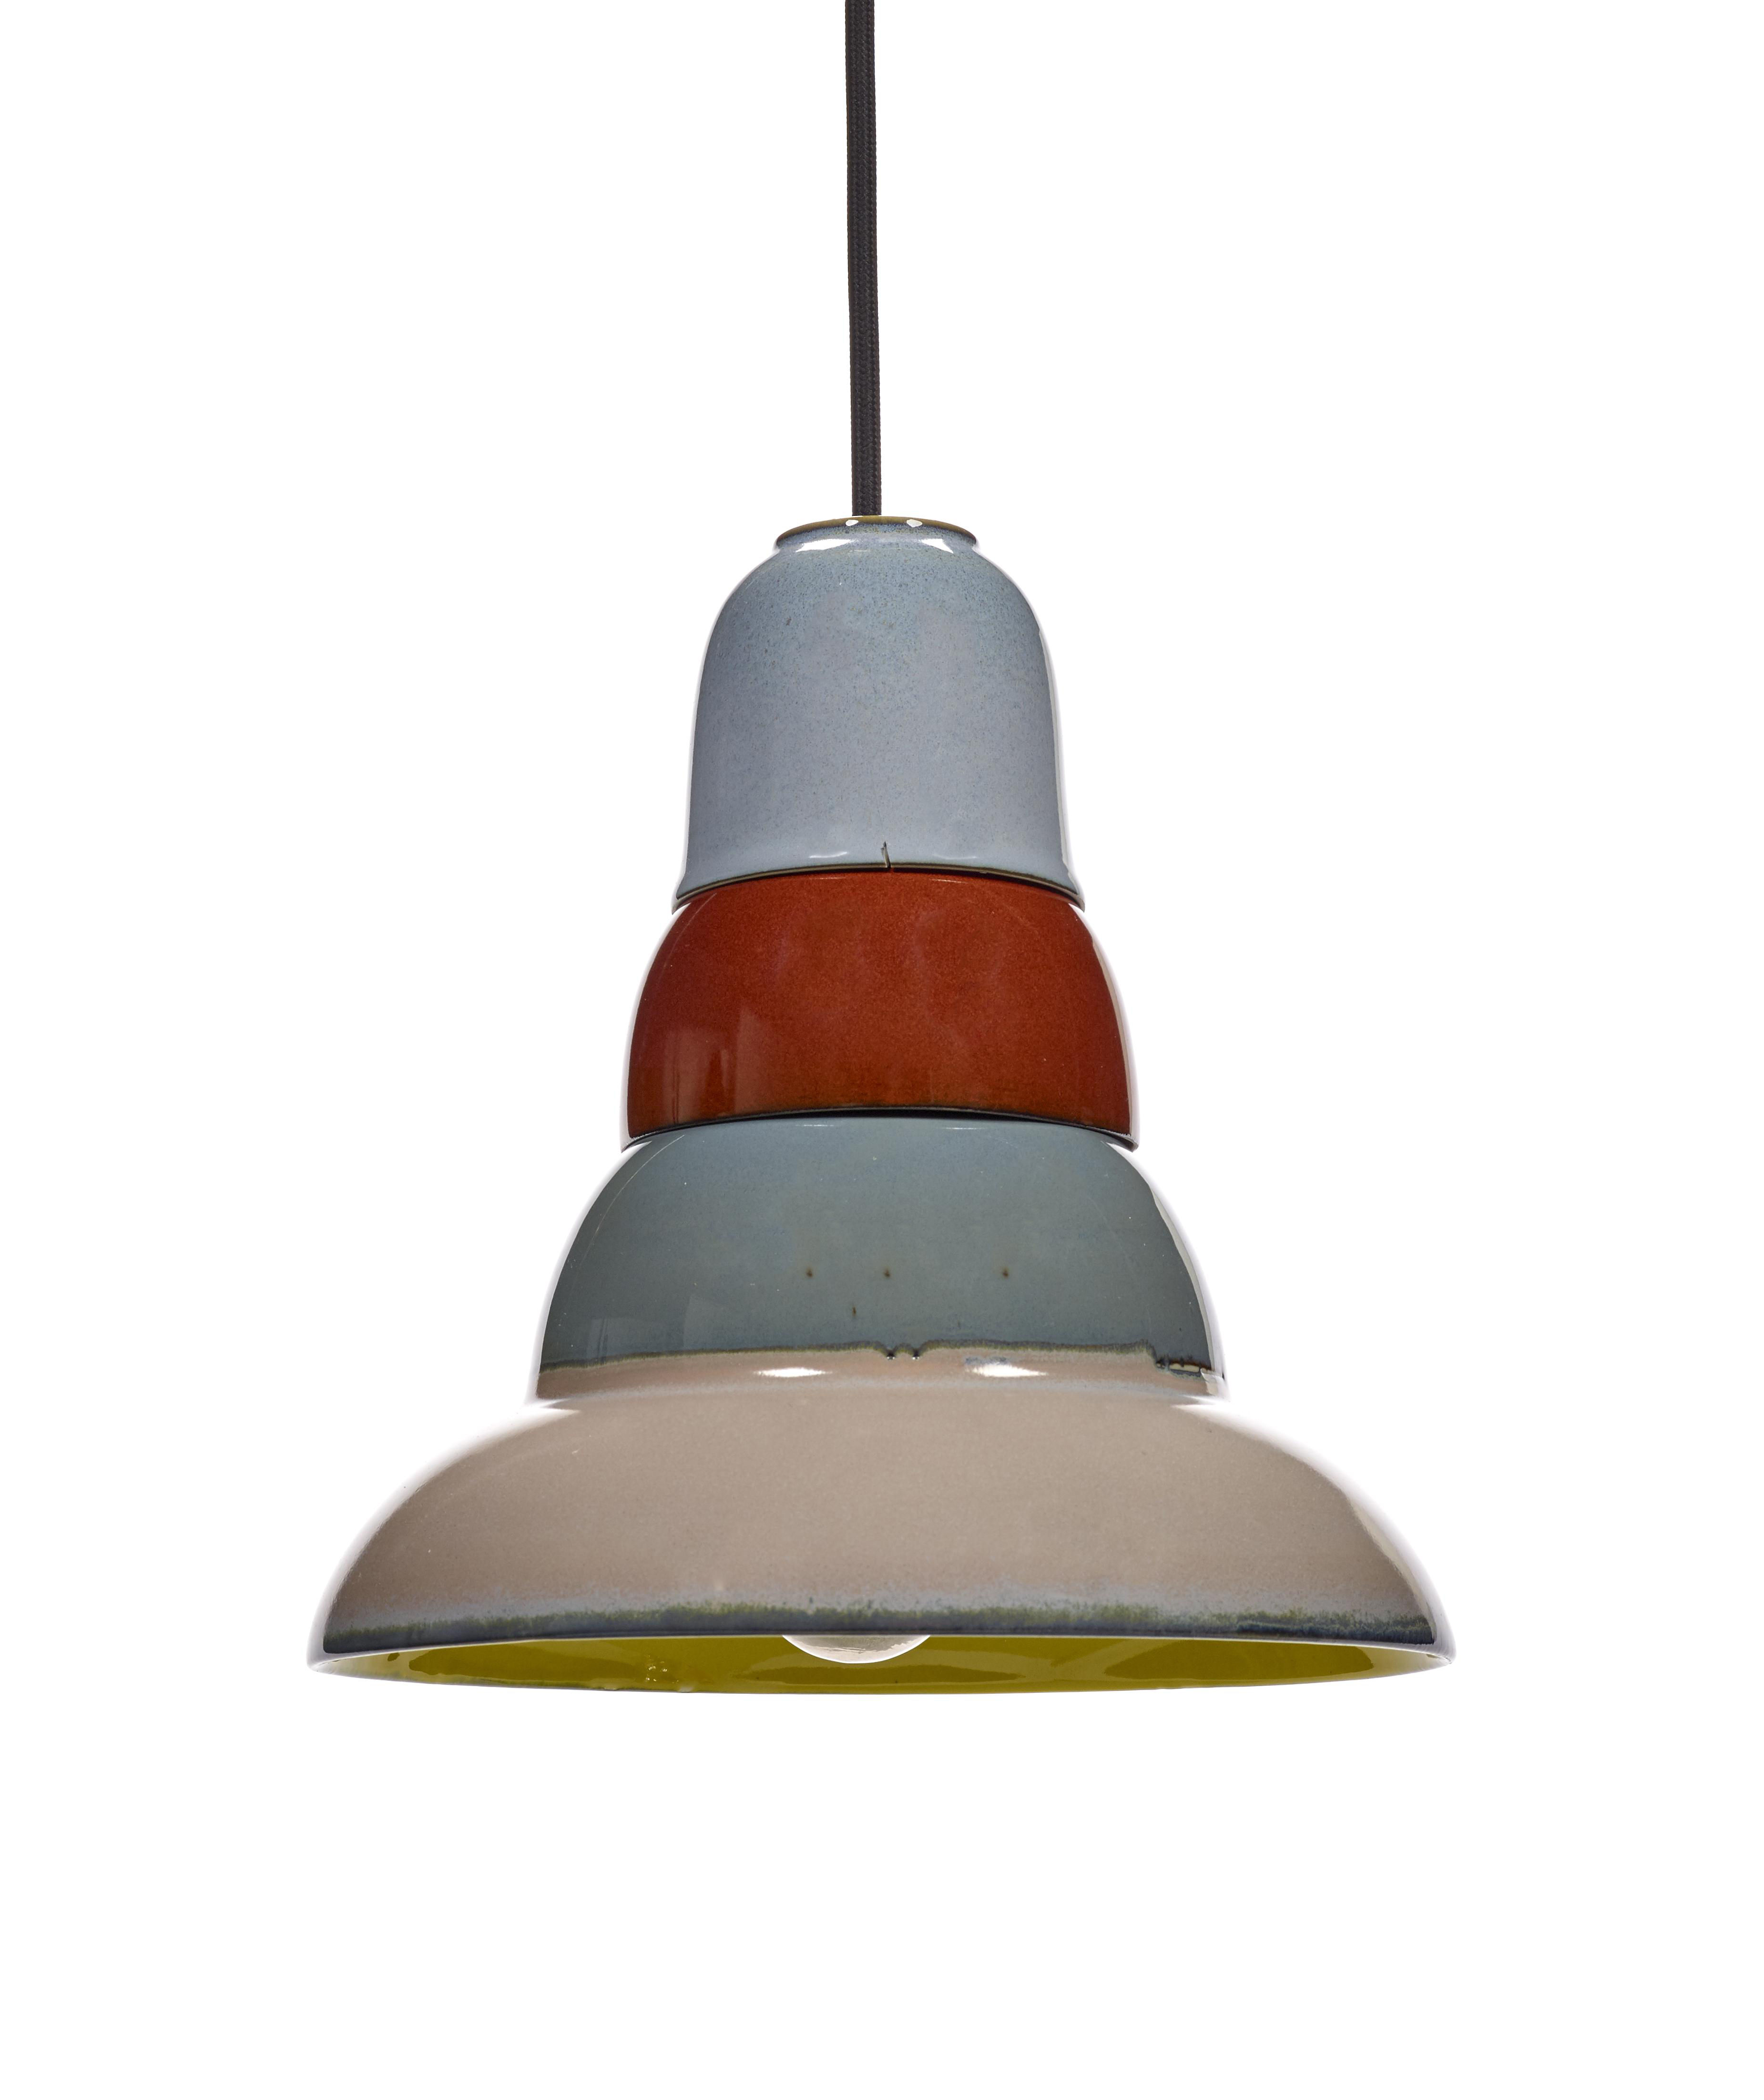 Illuminazione - Lampadari - Sospensione Anita n°4 - / Gres - Ø 22 cm di Serax - Multicolore - Gres smaltato